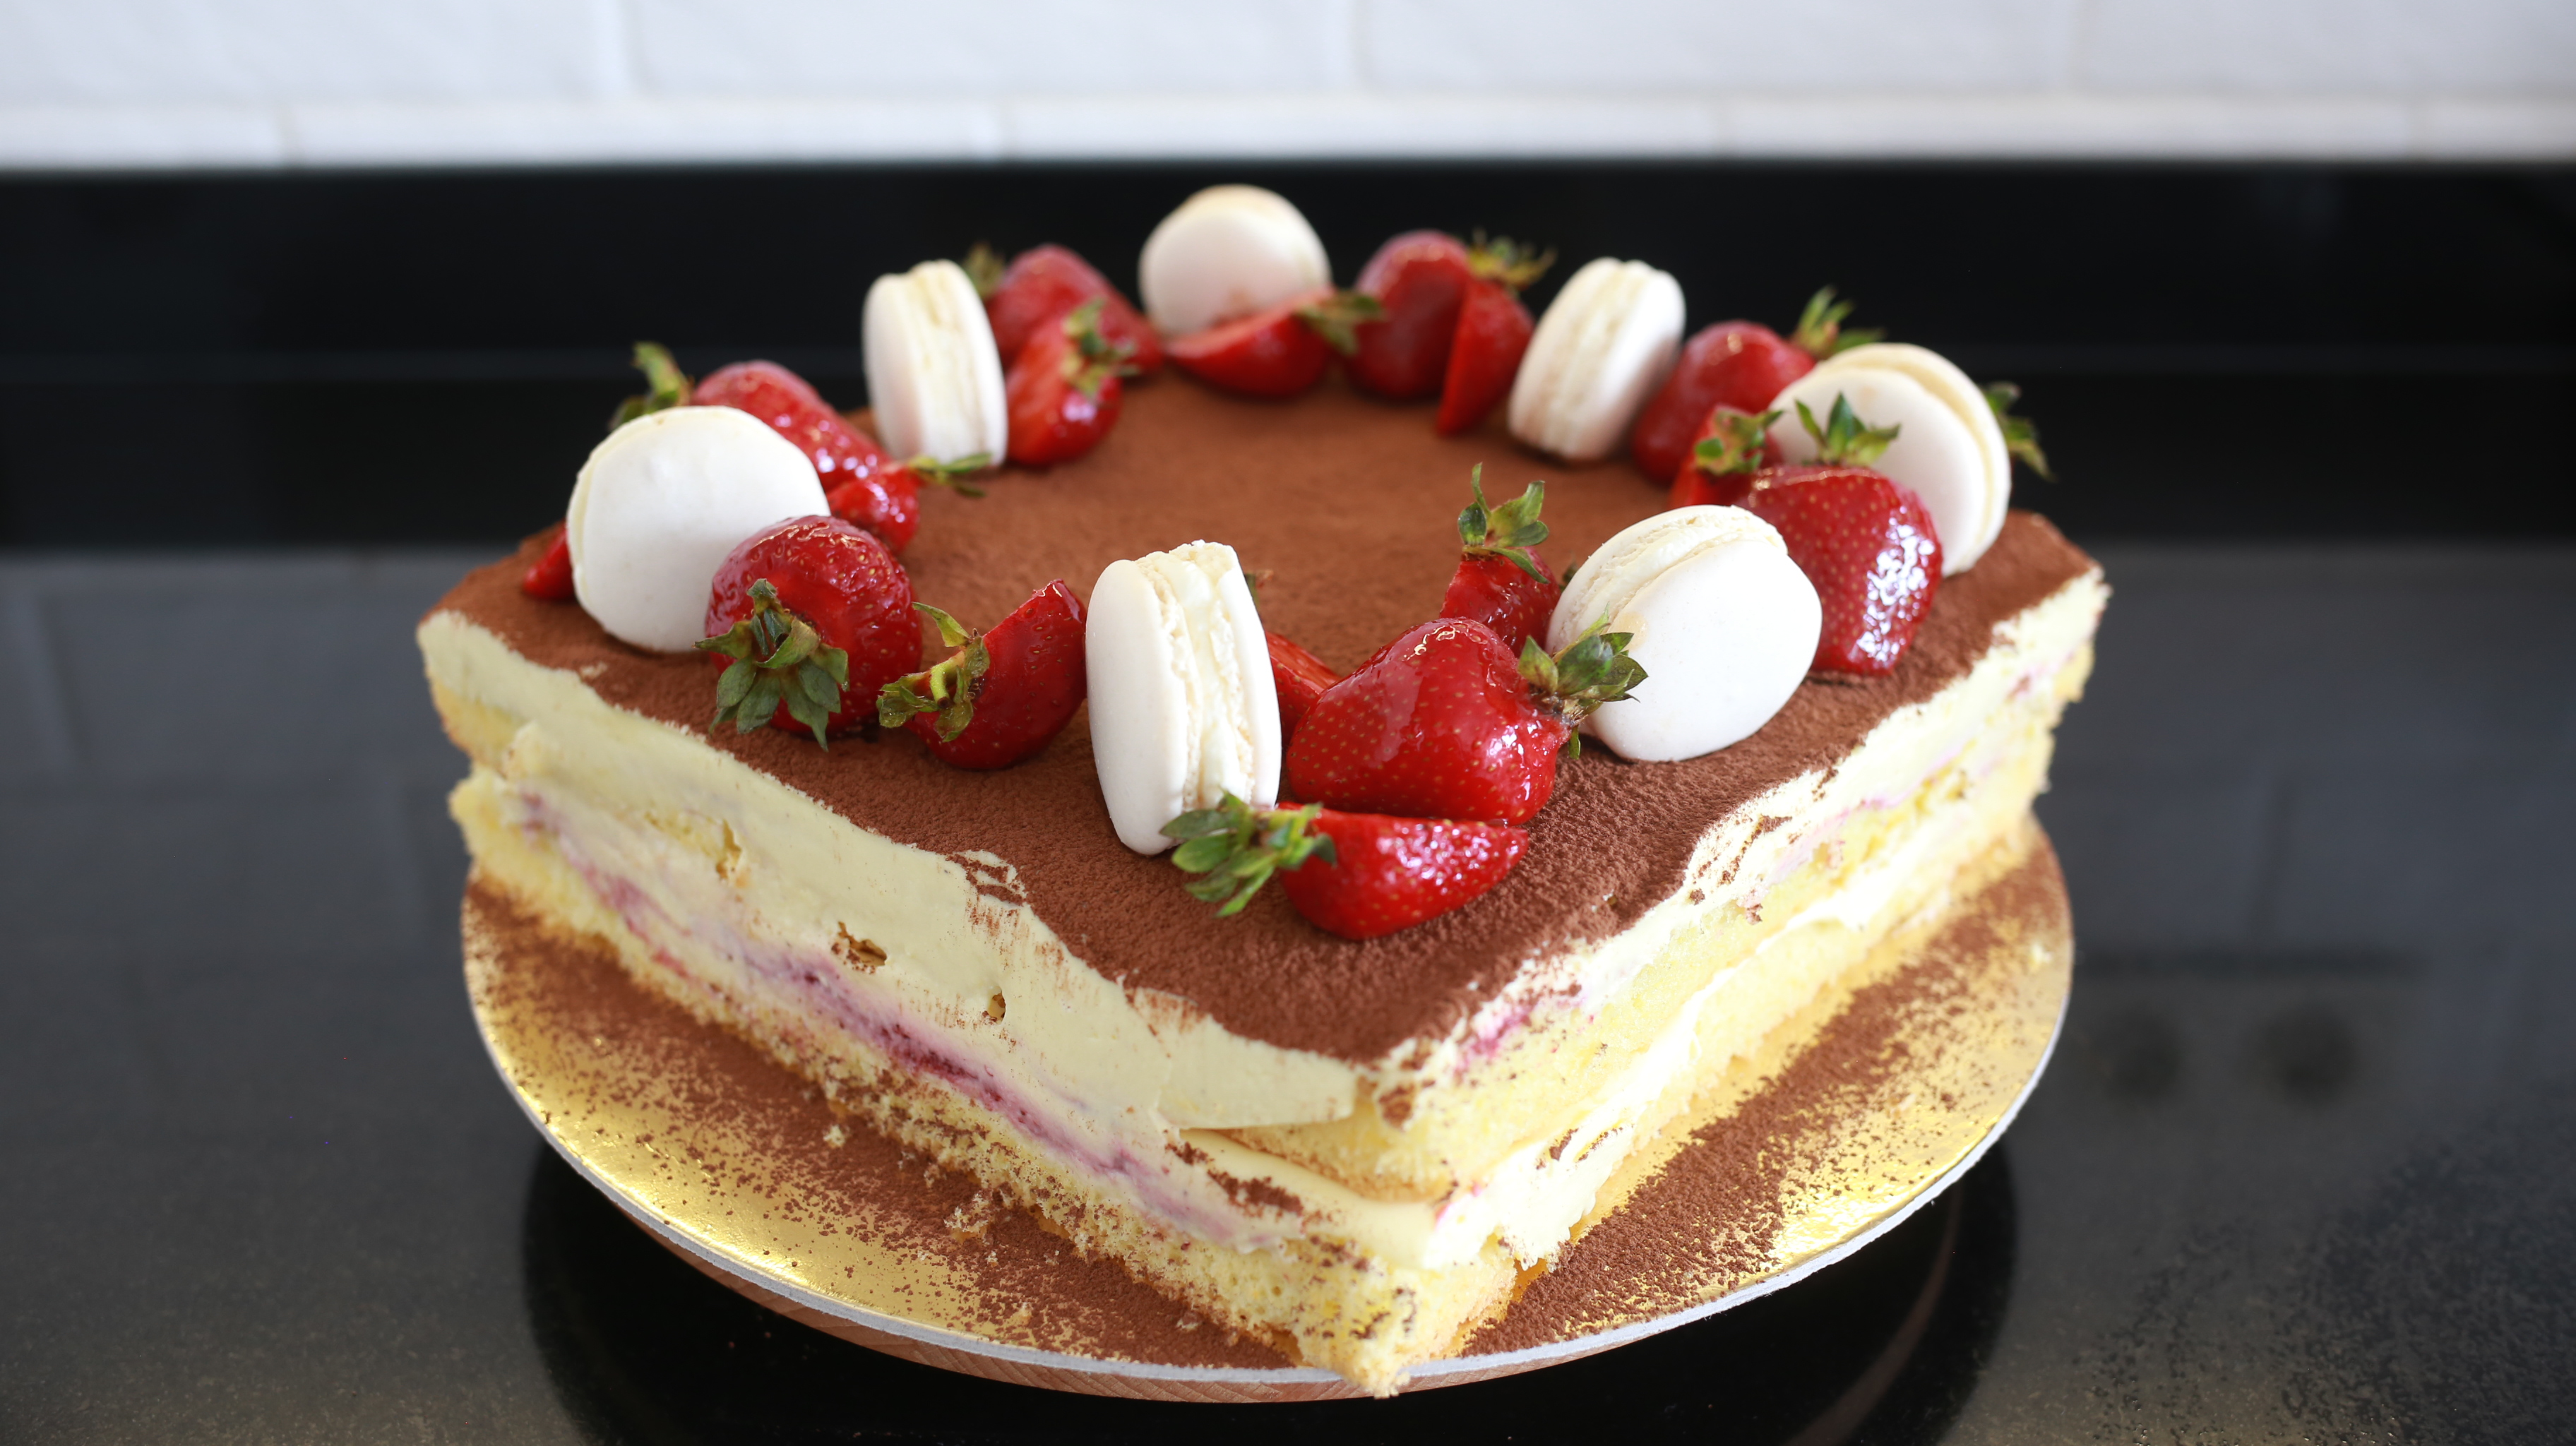 orchideli, przepis na tiramisu truskawkowe, jak zrobić truskawkowe tiramisu, lekki tort owocowy, tort urodzinowy z truskawkami